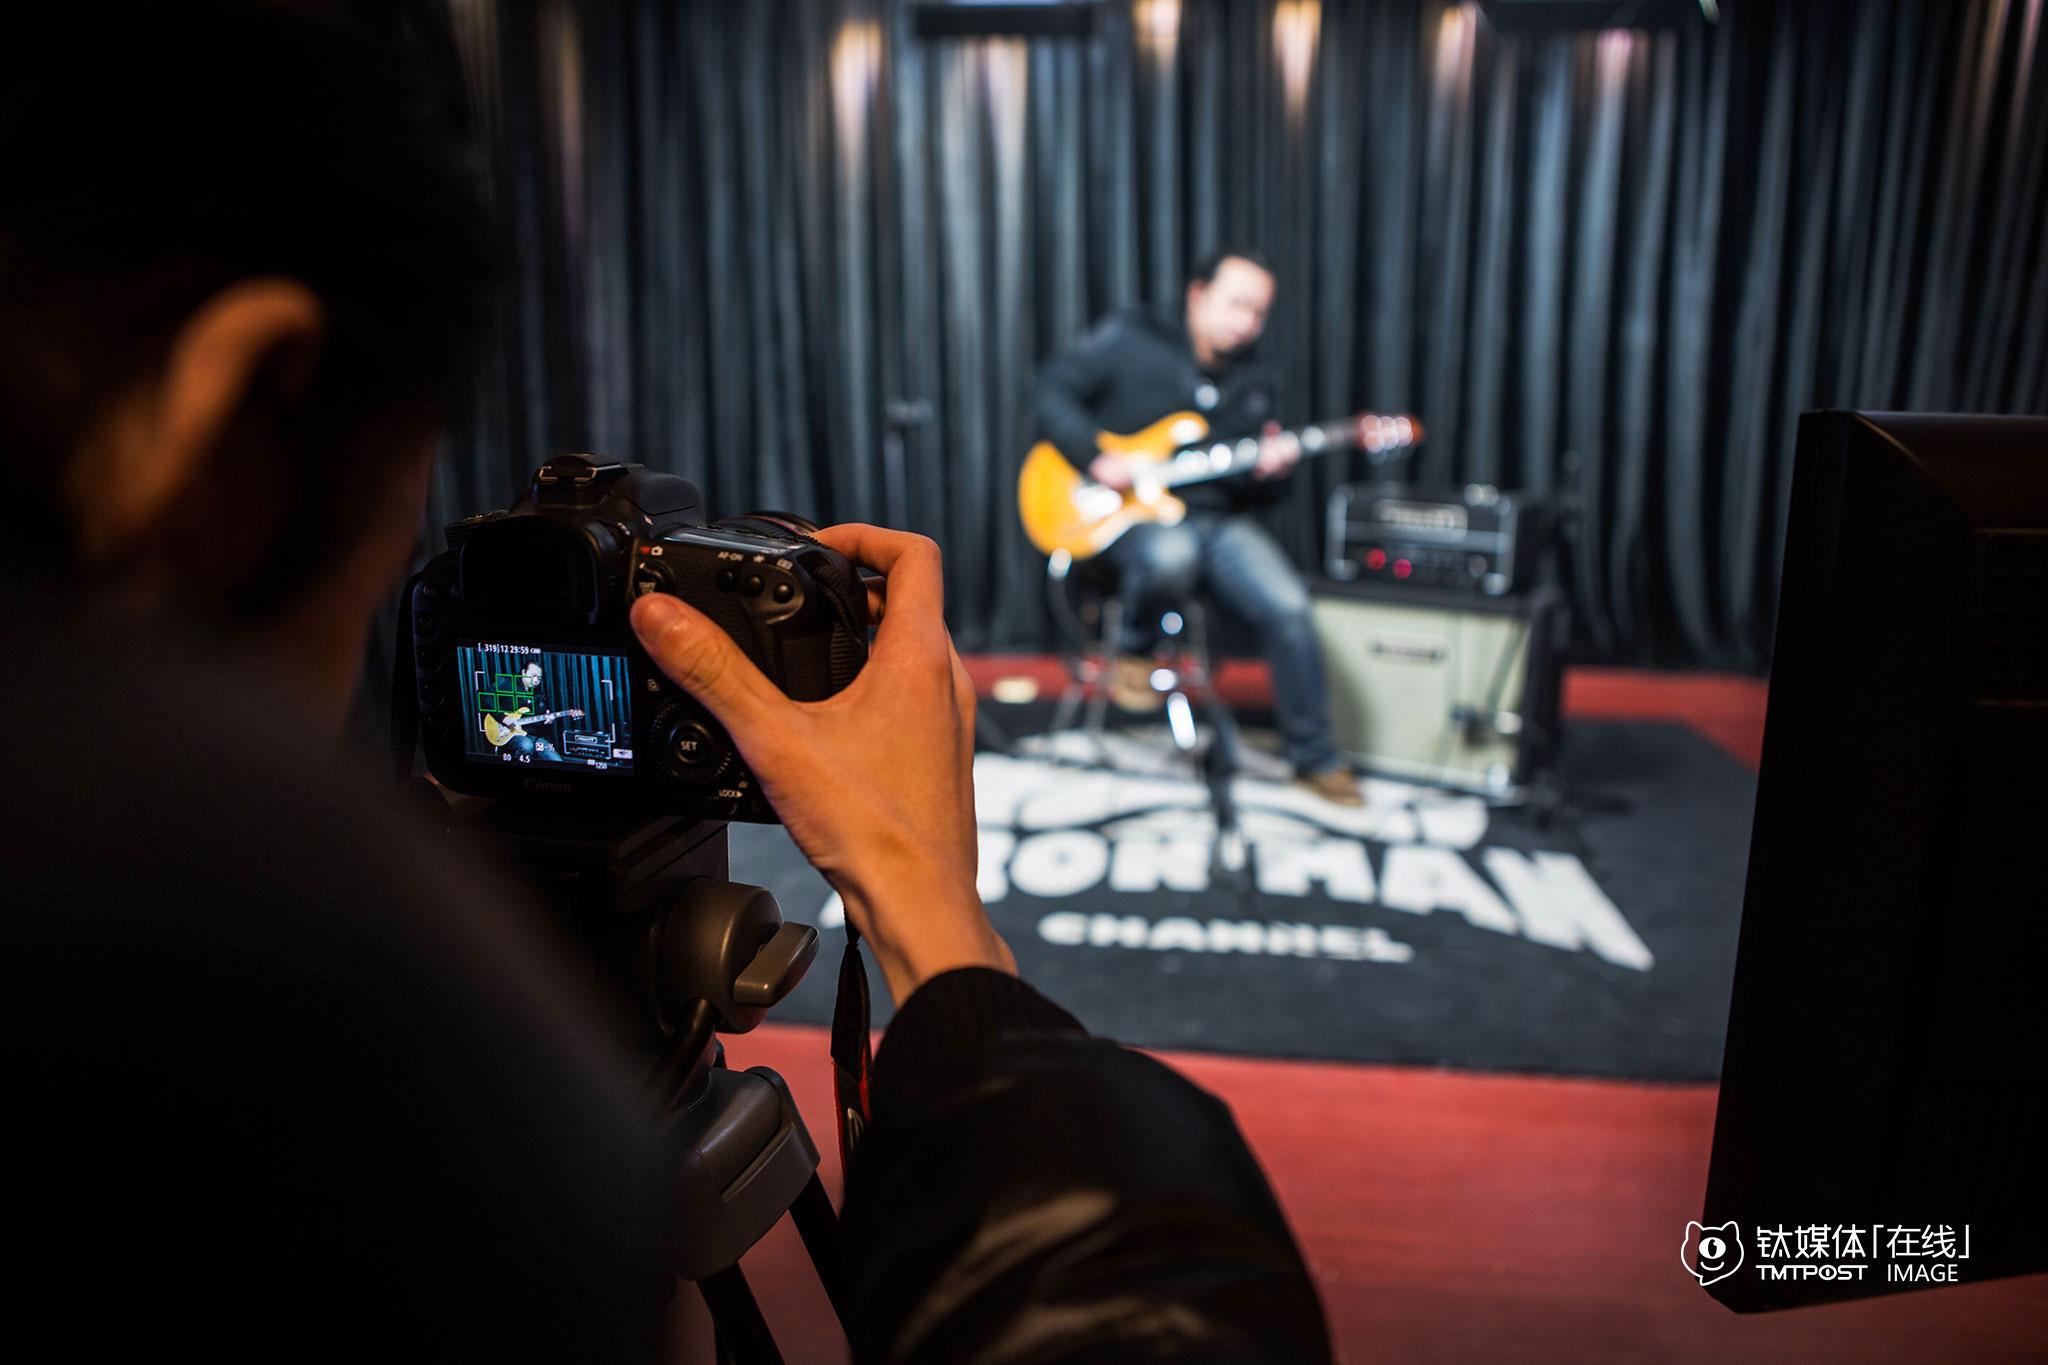 """拍摄进行中。""""最顶尖的乐器零售商Guitar Center、Sam Ash、Sweet Water等,都是从卖琴做起来,但近年来越来越重视专业测评。""""陈磊认为,这样的服务往往比单纯做电商卖东西更重要,也是用户最缺乏的,""""很多中国乐手,都是看了别人弹什么琴,自己就想买一个,而并不去思考自己需要什么,他们不太明白该怎样选择。比如效果器,我们会在节目里告诉用户不同效果器的特色、原理、操作方法,我们讲常识和选择方法。"""""""